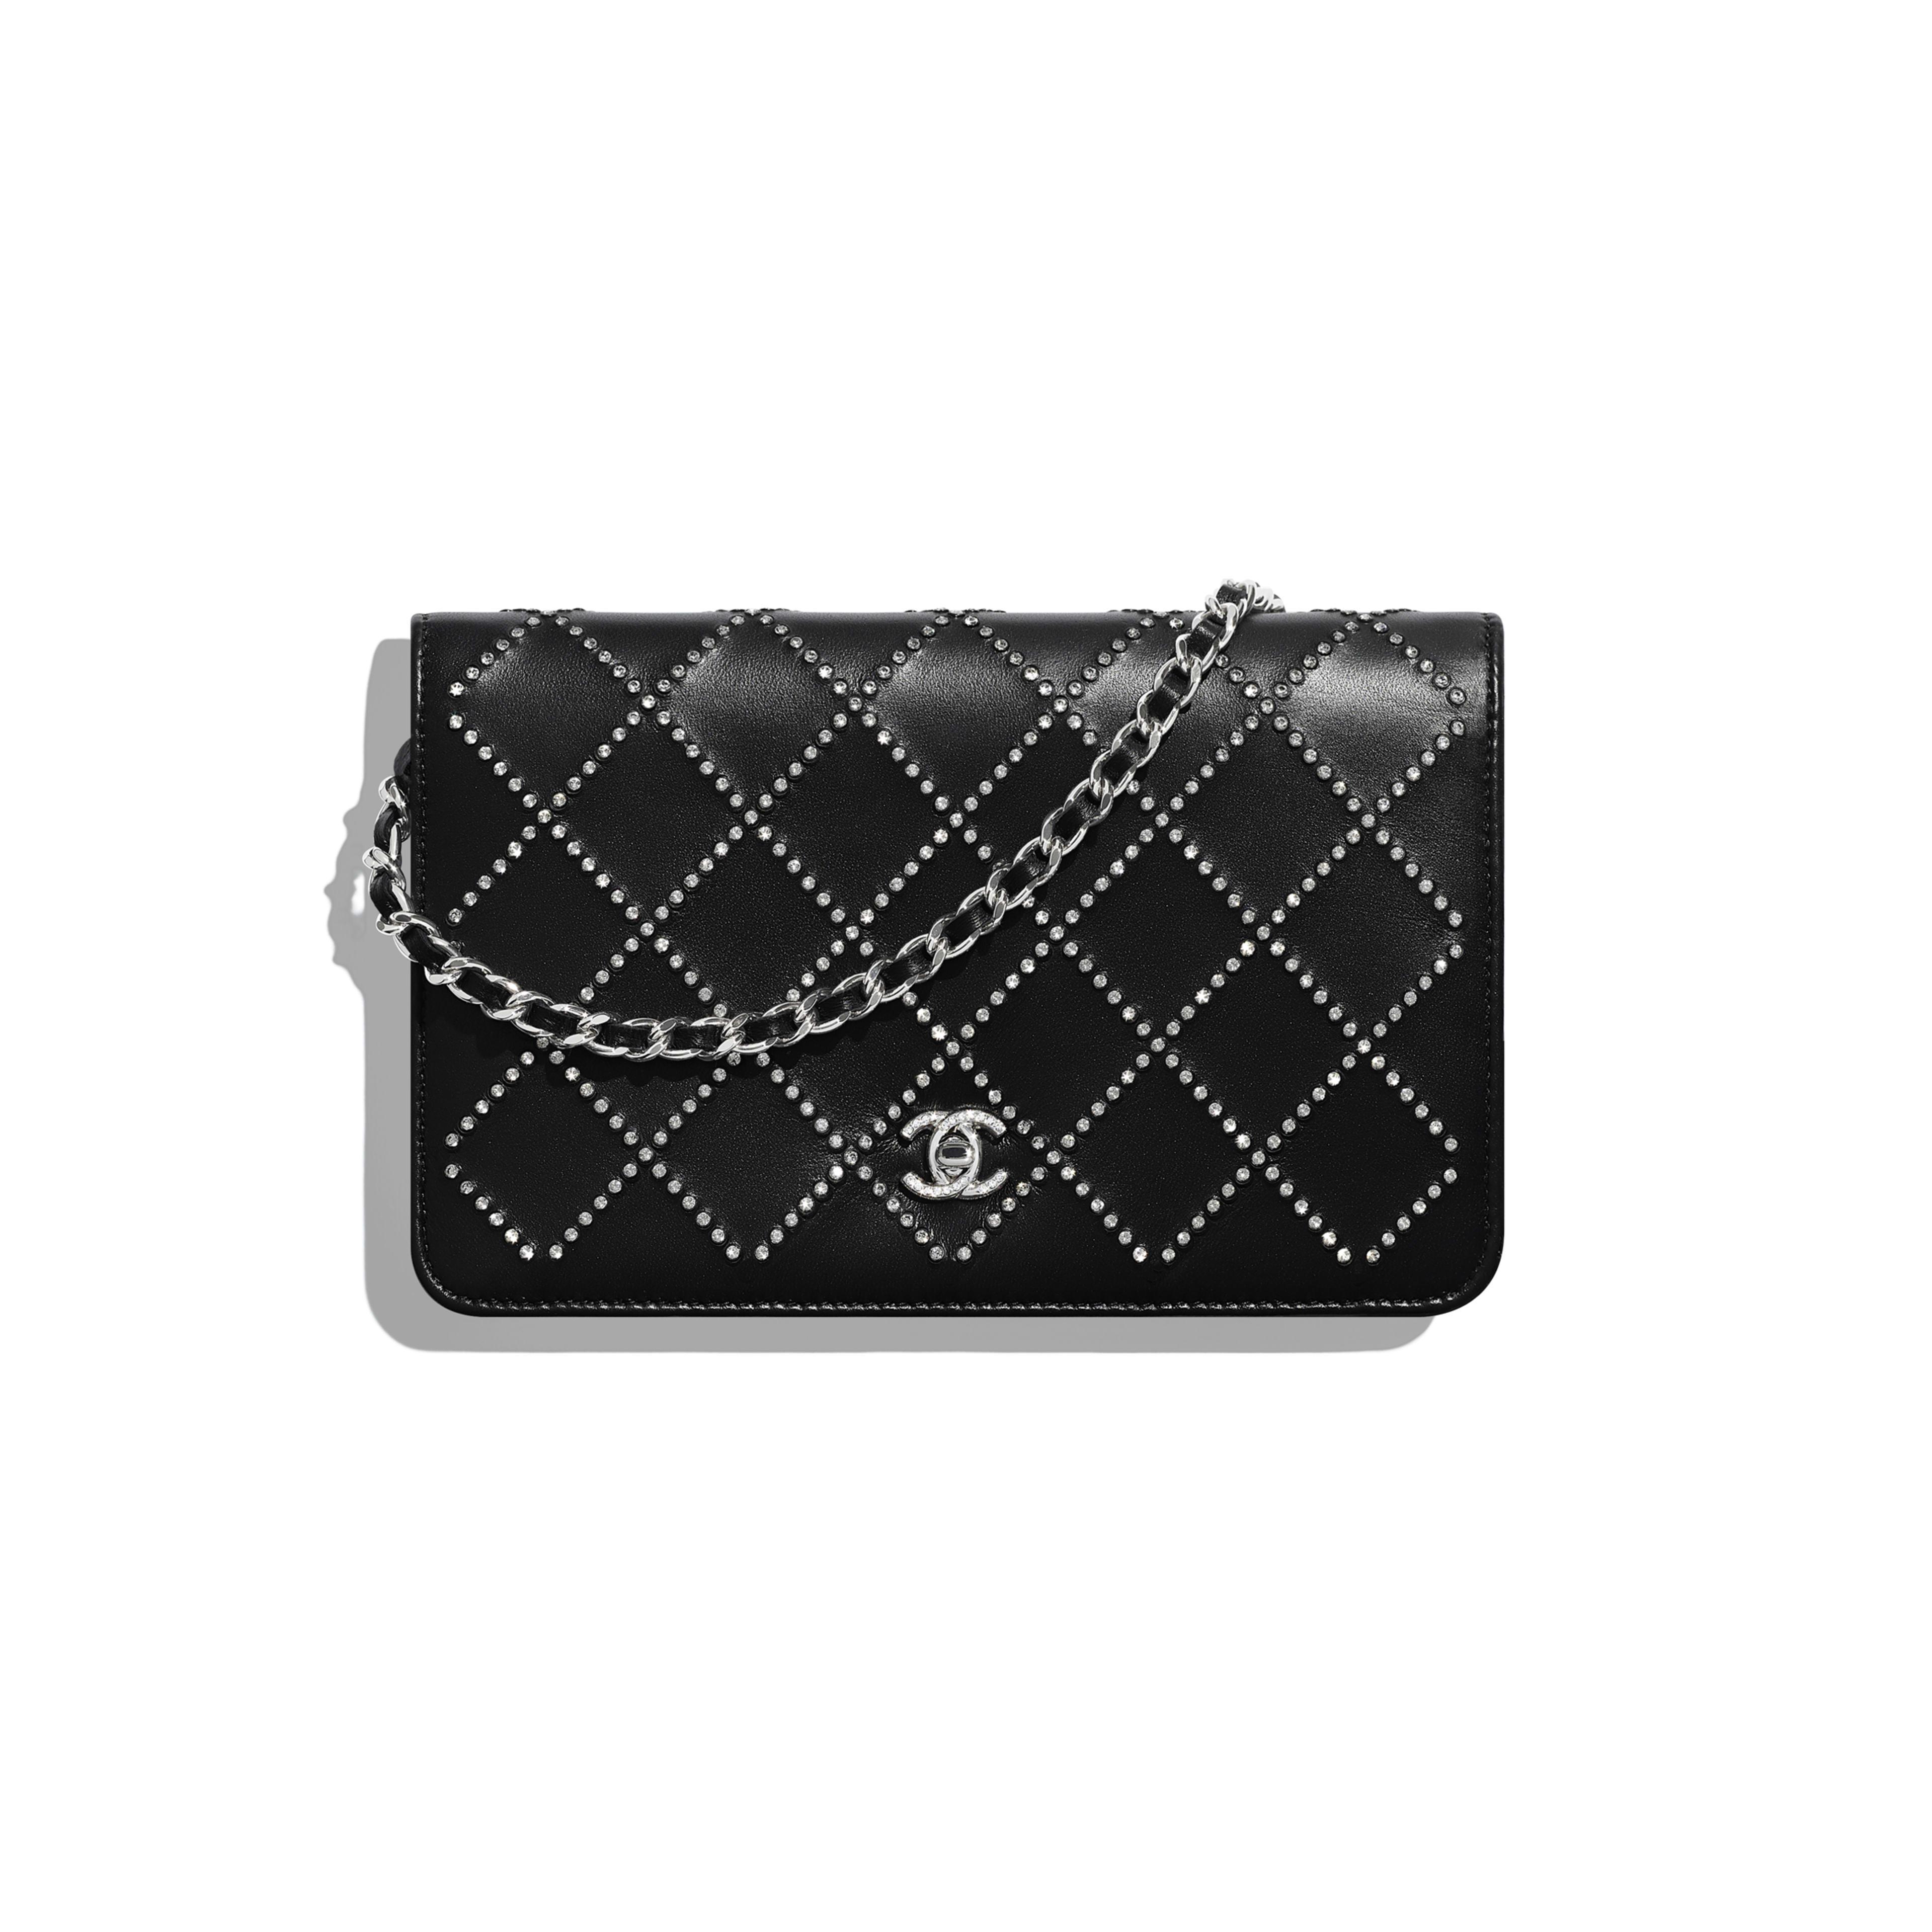 กระเป๋าสตางค์พร้อมสายโซ่ - สีดำ - หนังแกะมันเงา คริสตัล และโลหะสีเงิน - มุมมองปัจจุบัน - ดูเวอร์ชันขนาดเต็ม